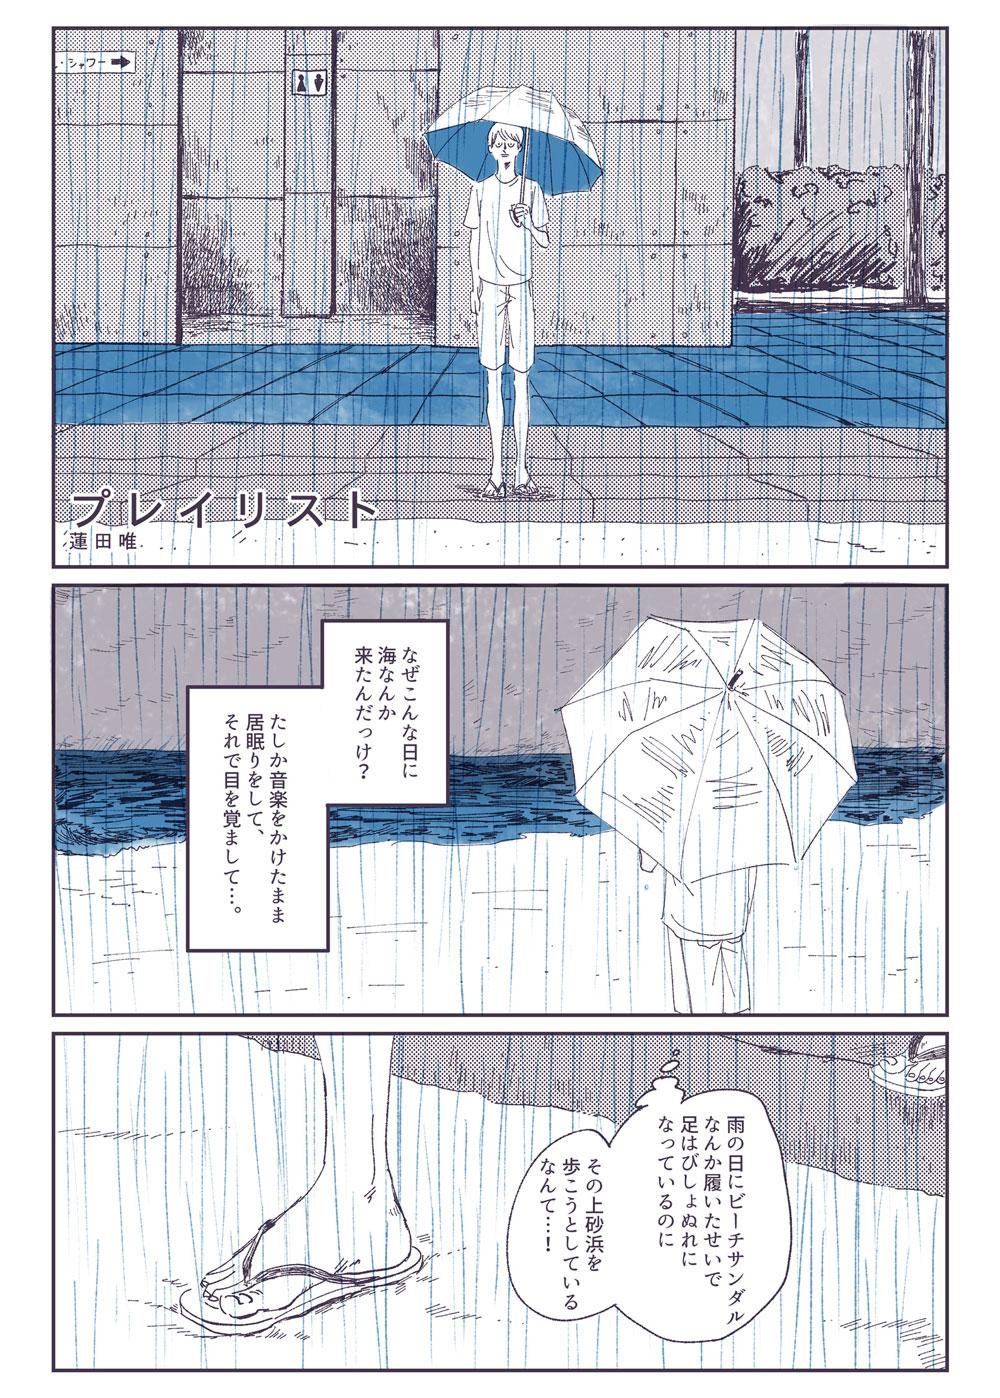 hasuda-yui-017-1